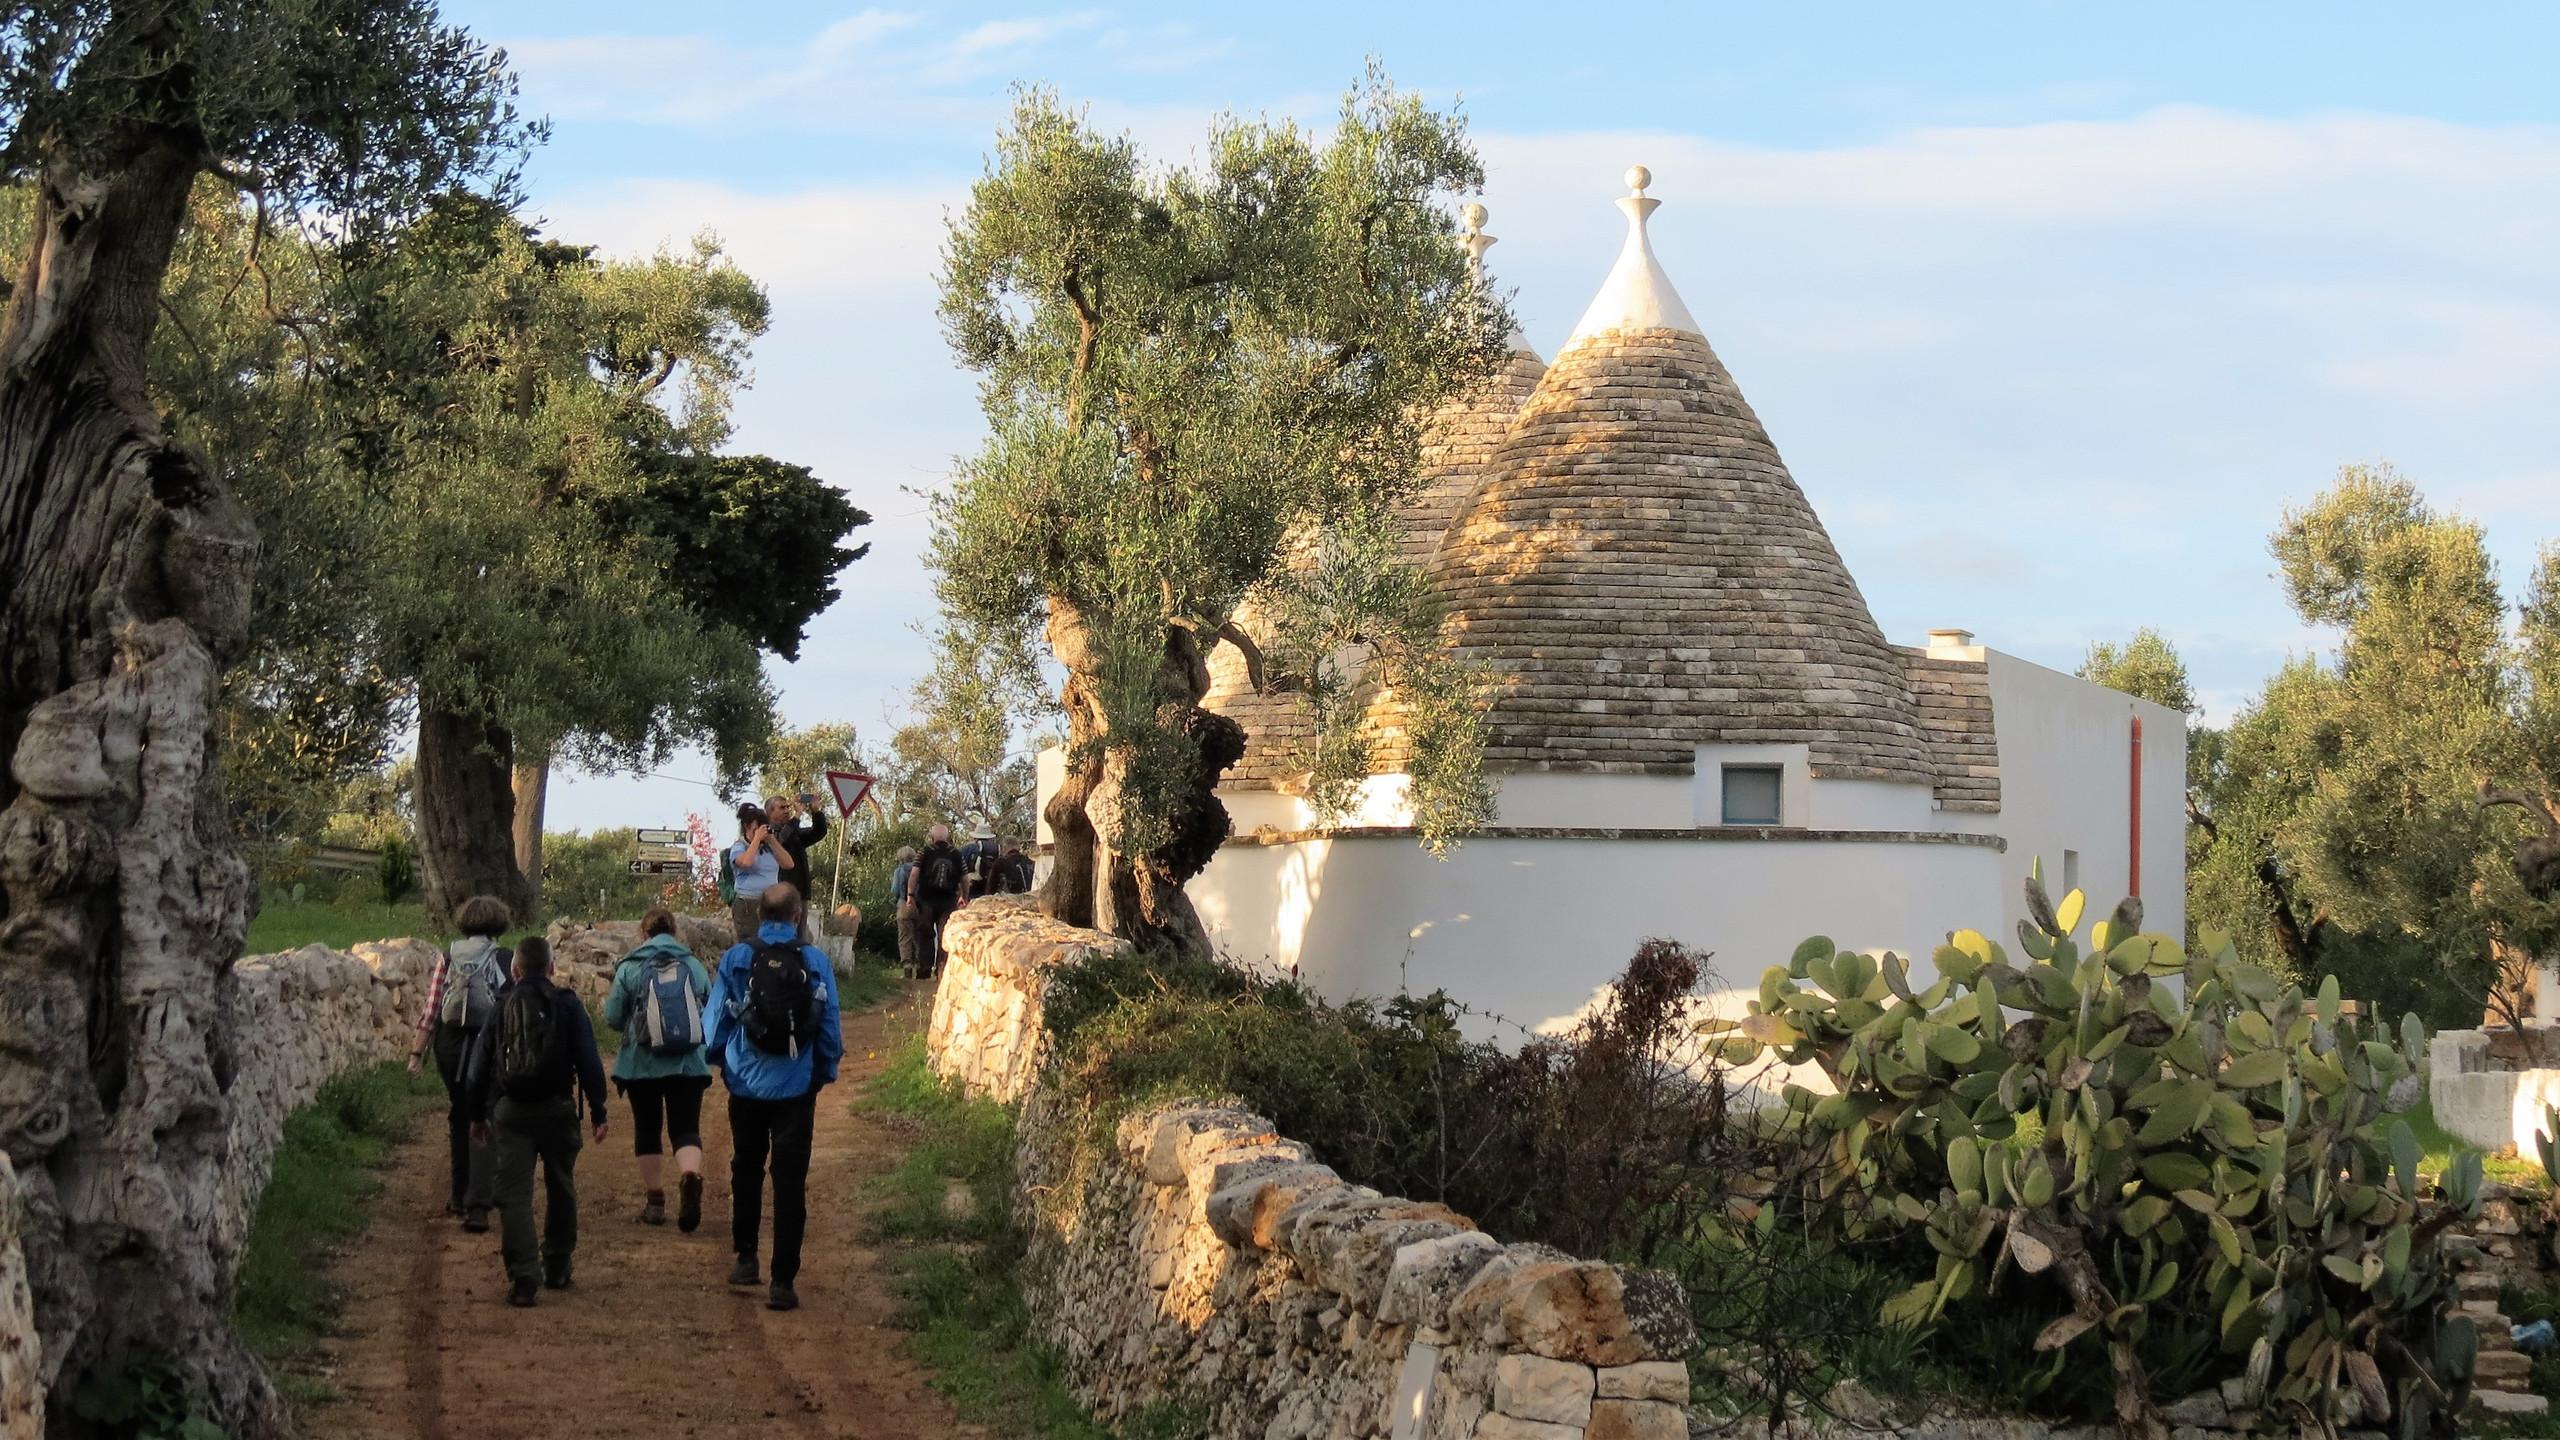 Walking past a trullo, Puglia